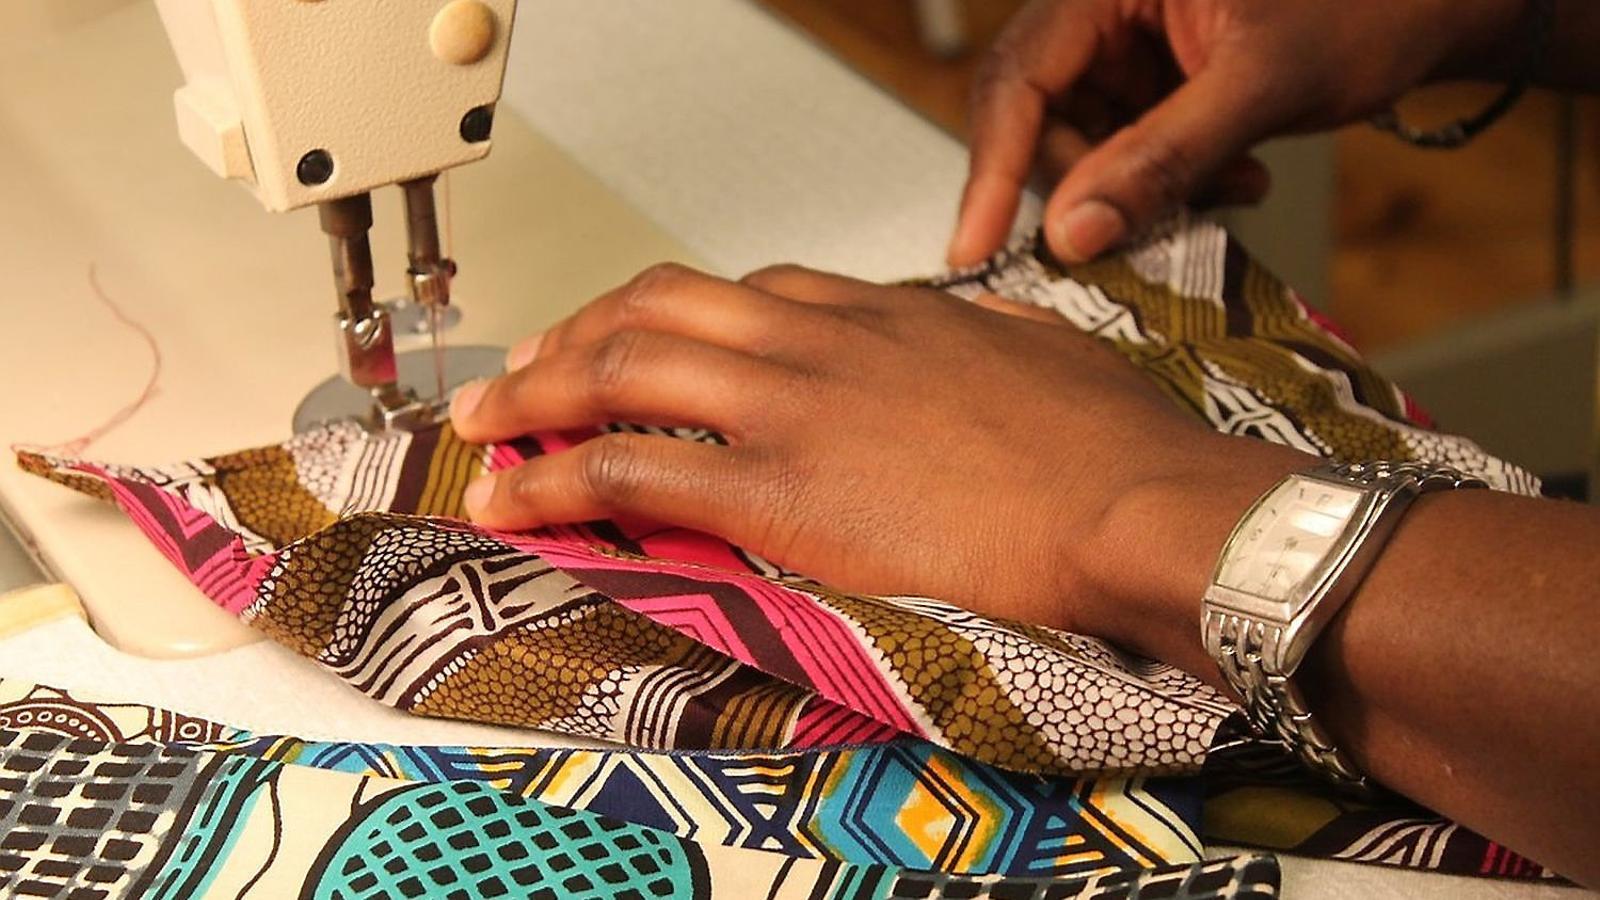 Confeccionar roba, una sortida per deixar la prostitució